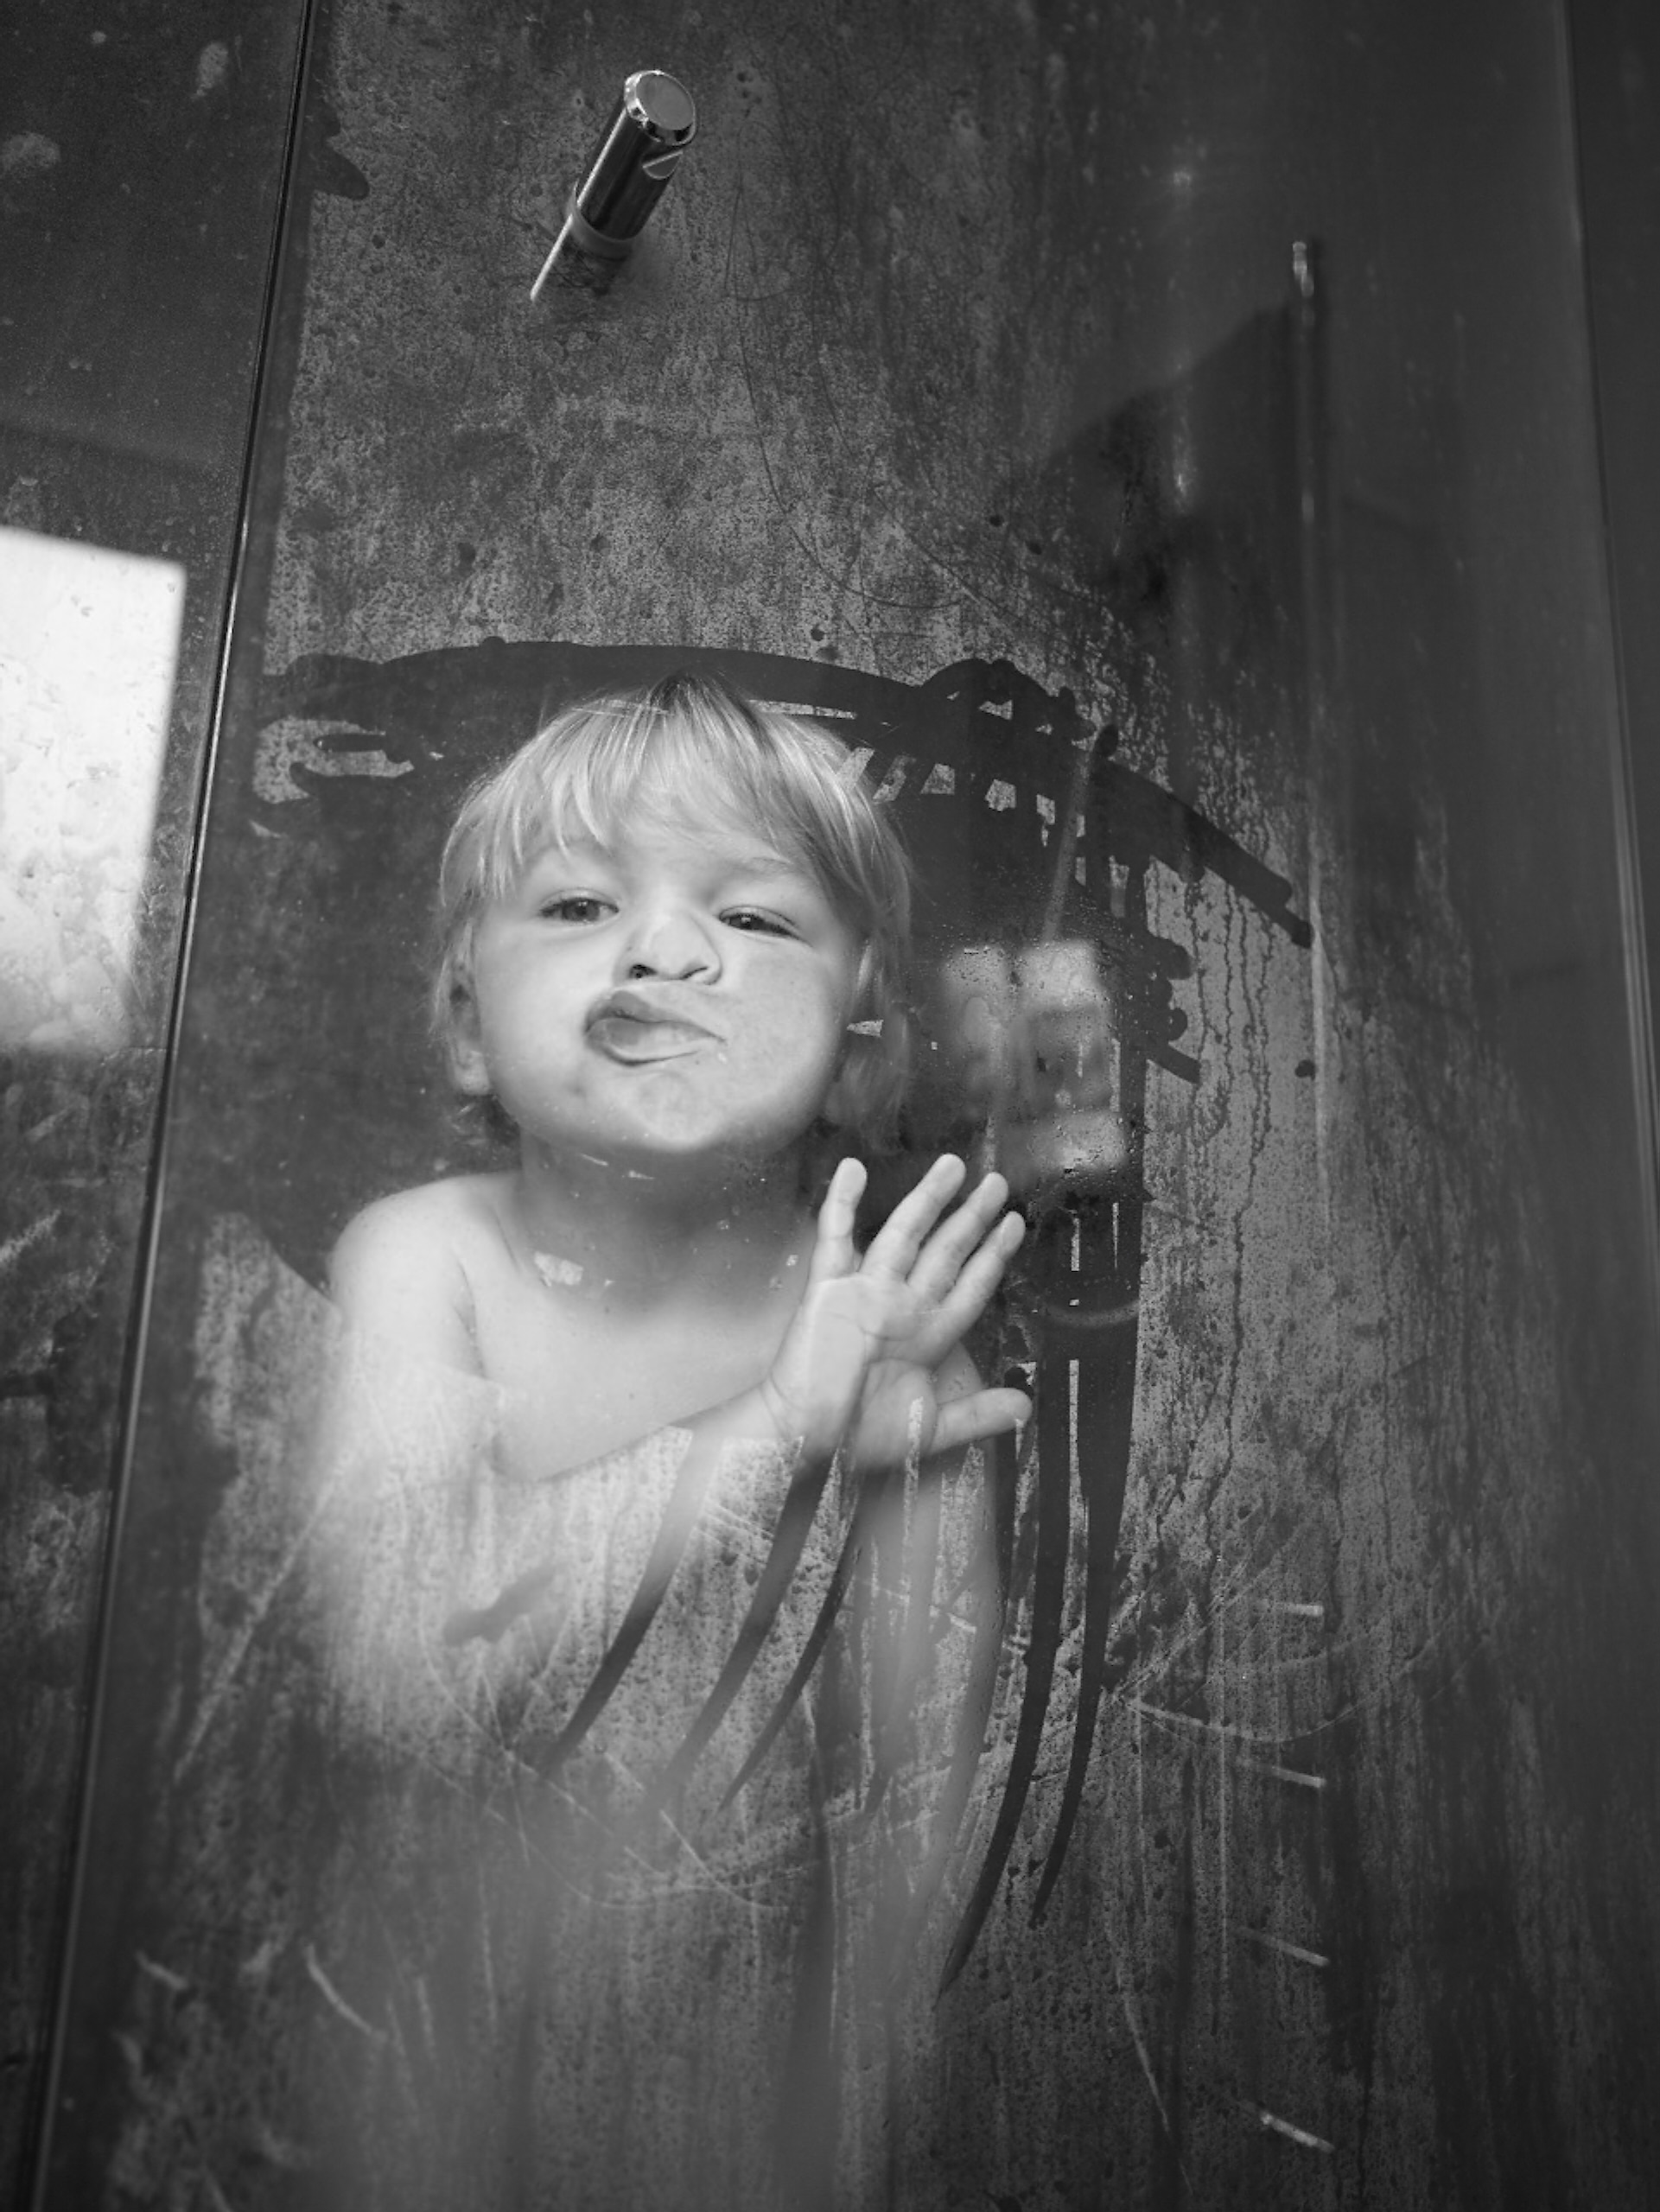 Shower_CF045310 1.jpg